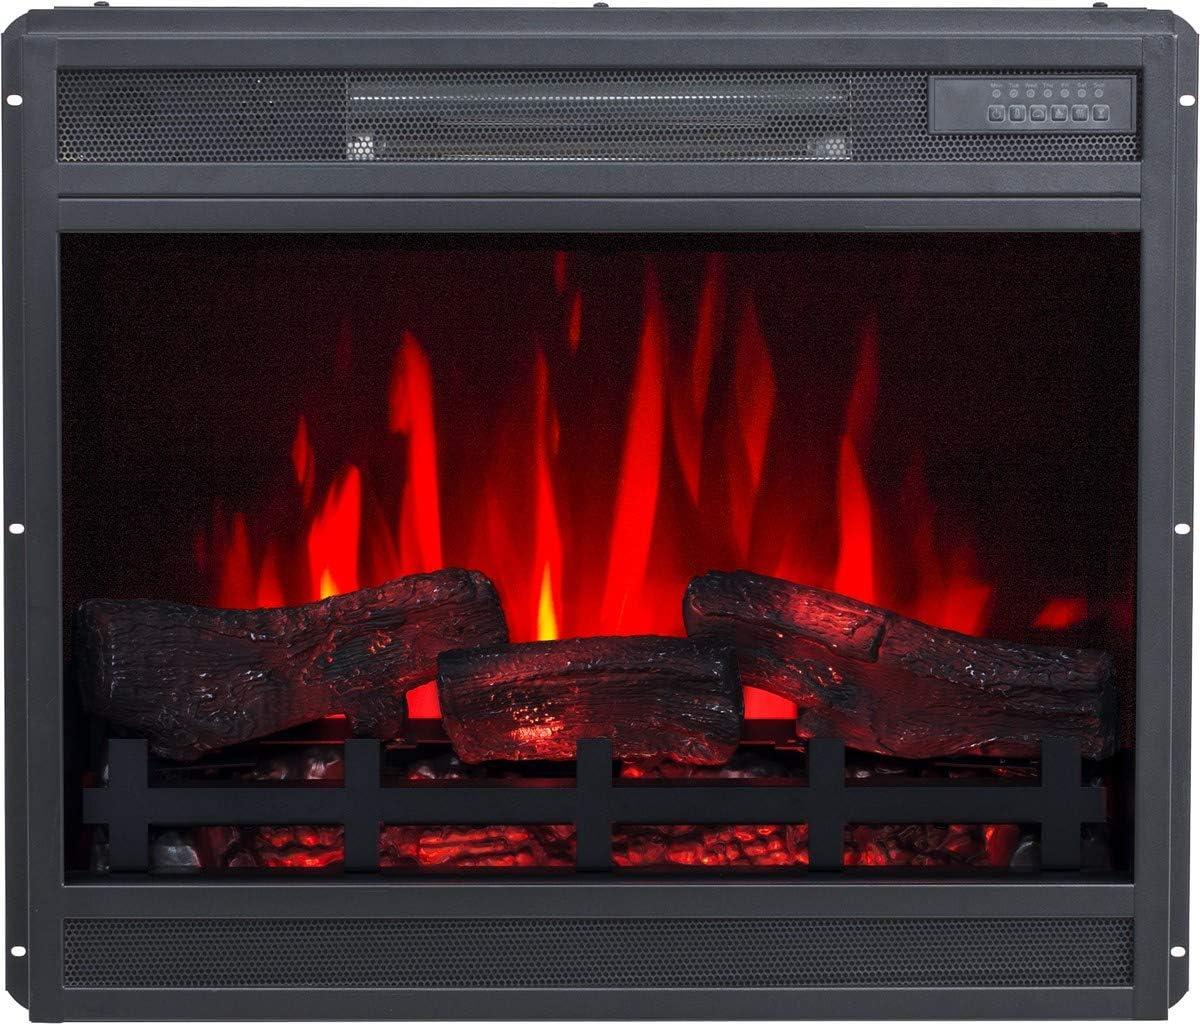 /900/ /1800/W avec commandes avant incassables en plaques de pl/âtre ou /à associer aux cadres Ruby Fires Rubyfires Insert pour chemin/ée /électrique Flandria Puissance 0/